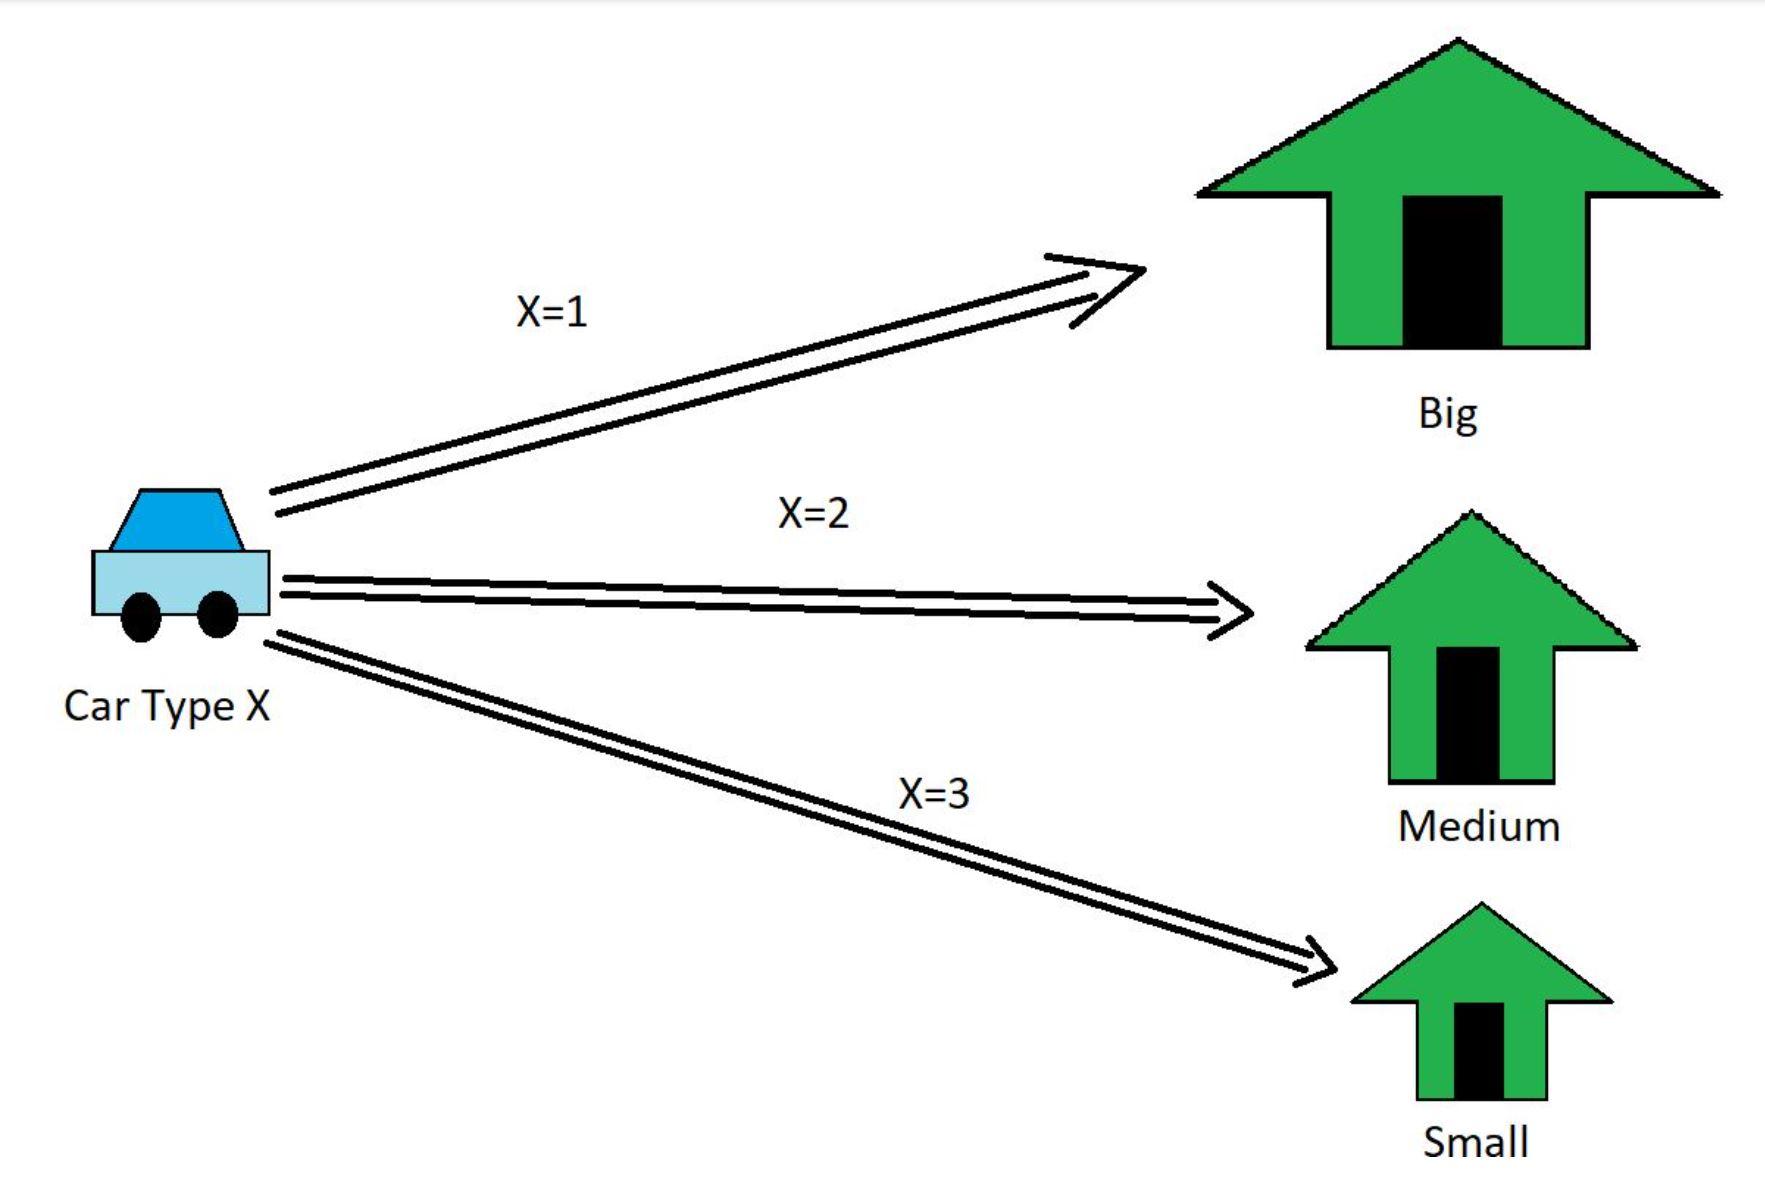 ကားပါကင်စနစ် Leetcode Solution ကိုဒီဇိုင်းဆွဲပါ